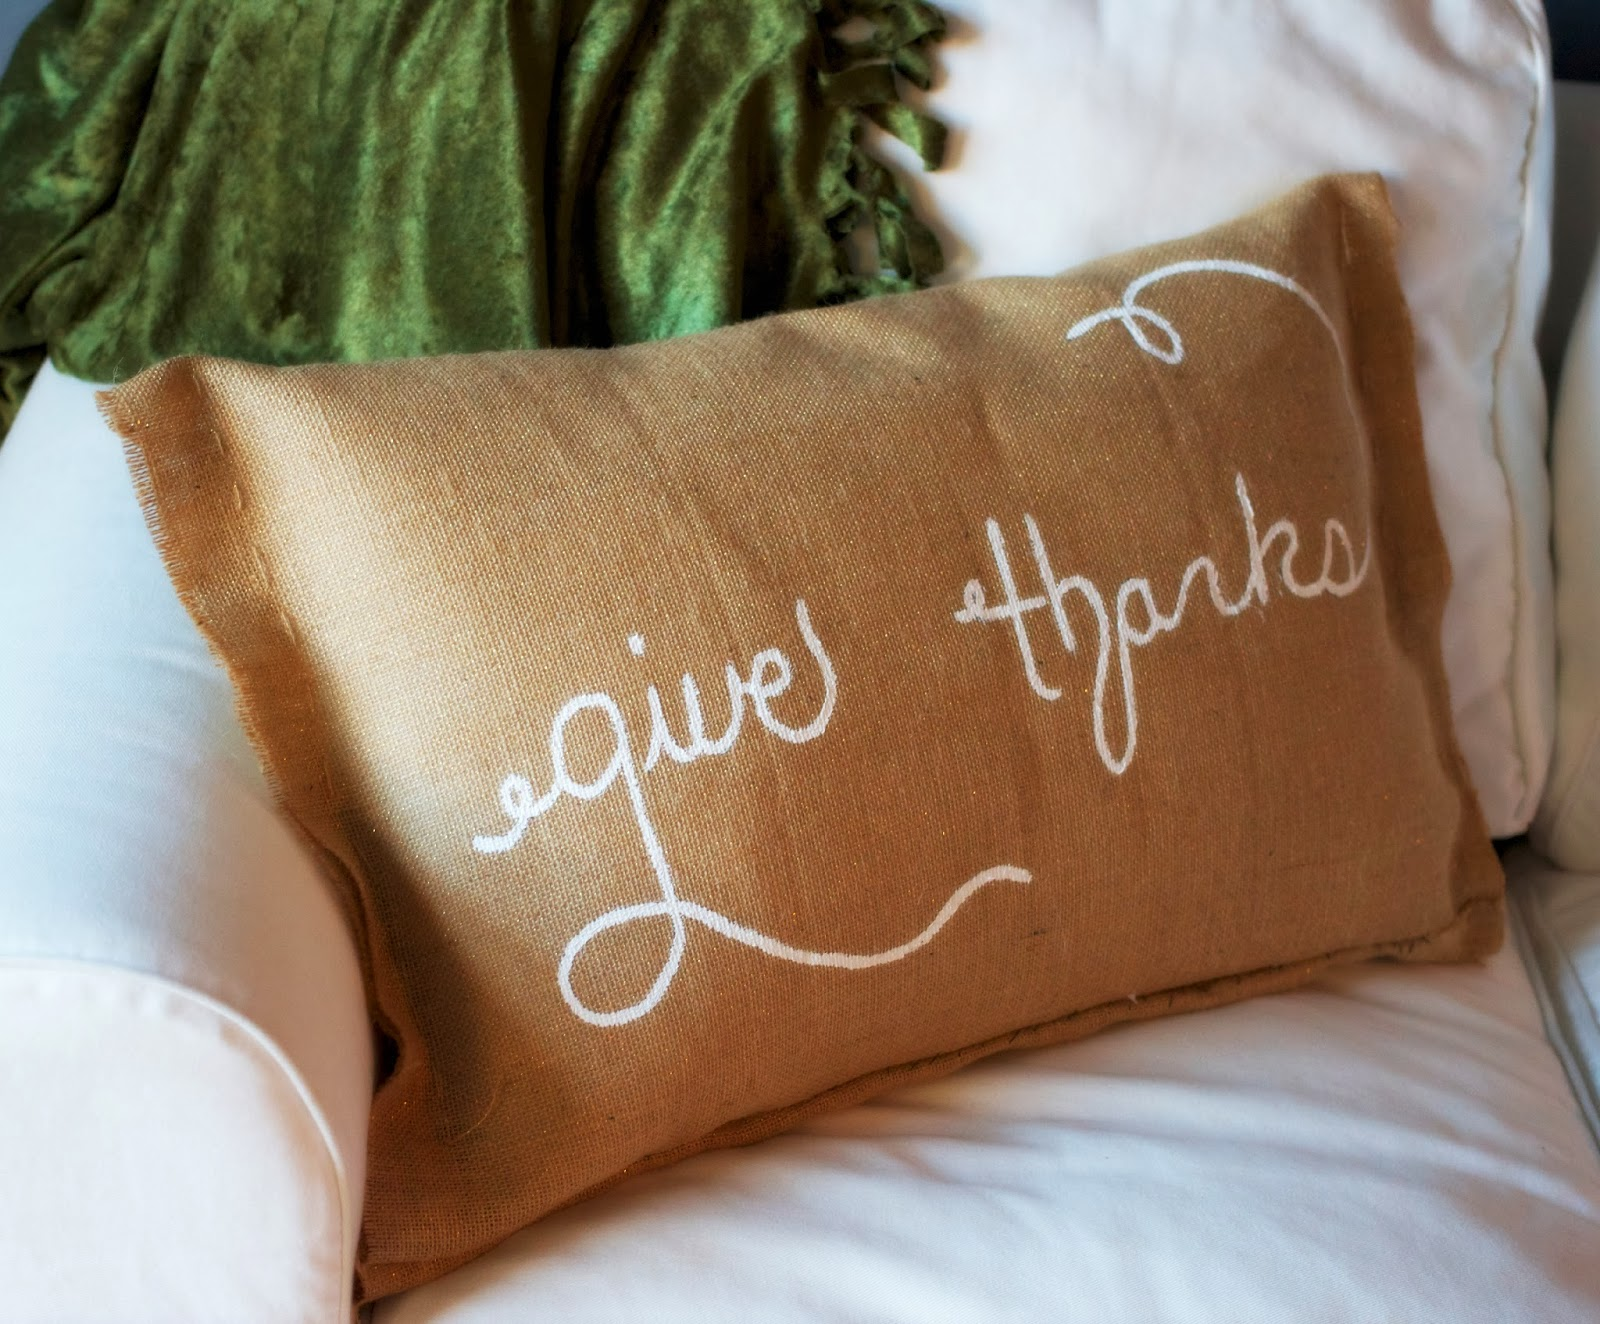 pin quilt pillows turkey pumpkin diy pillow patterns tutorial and thanksgiving